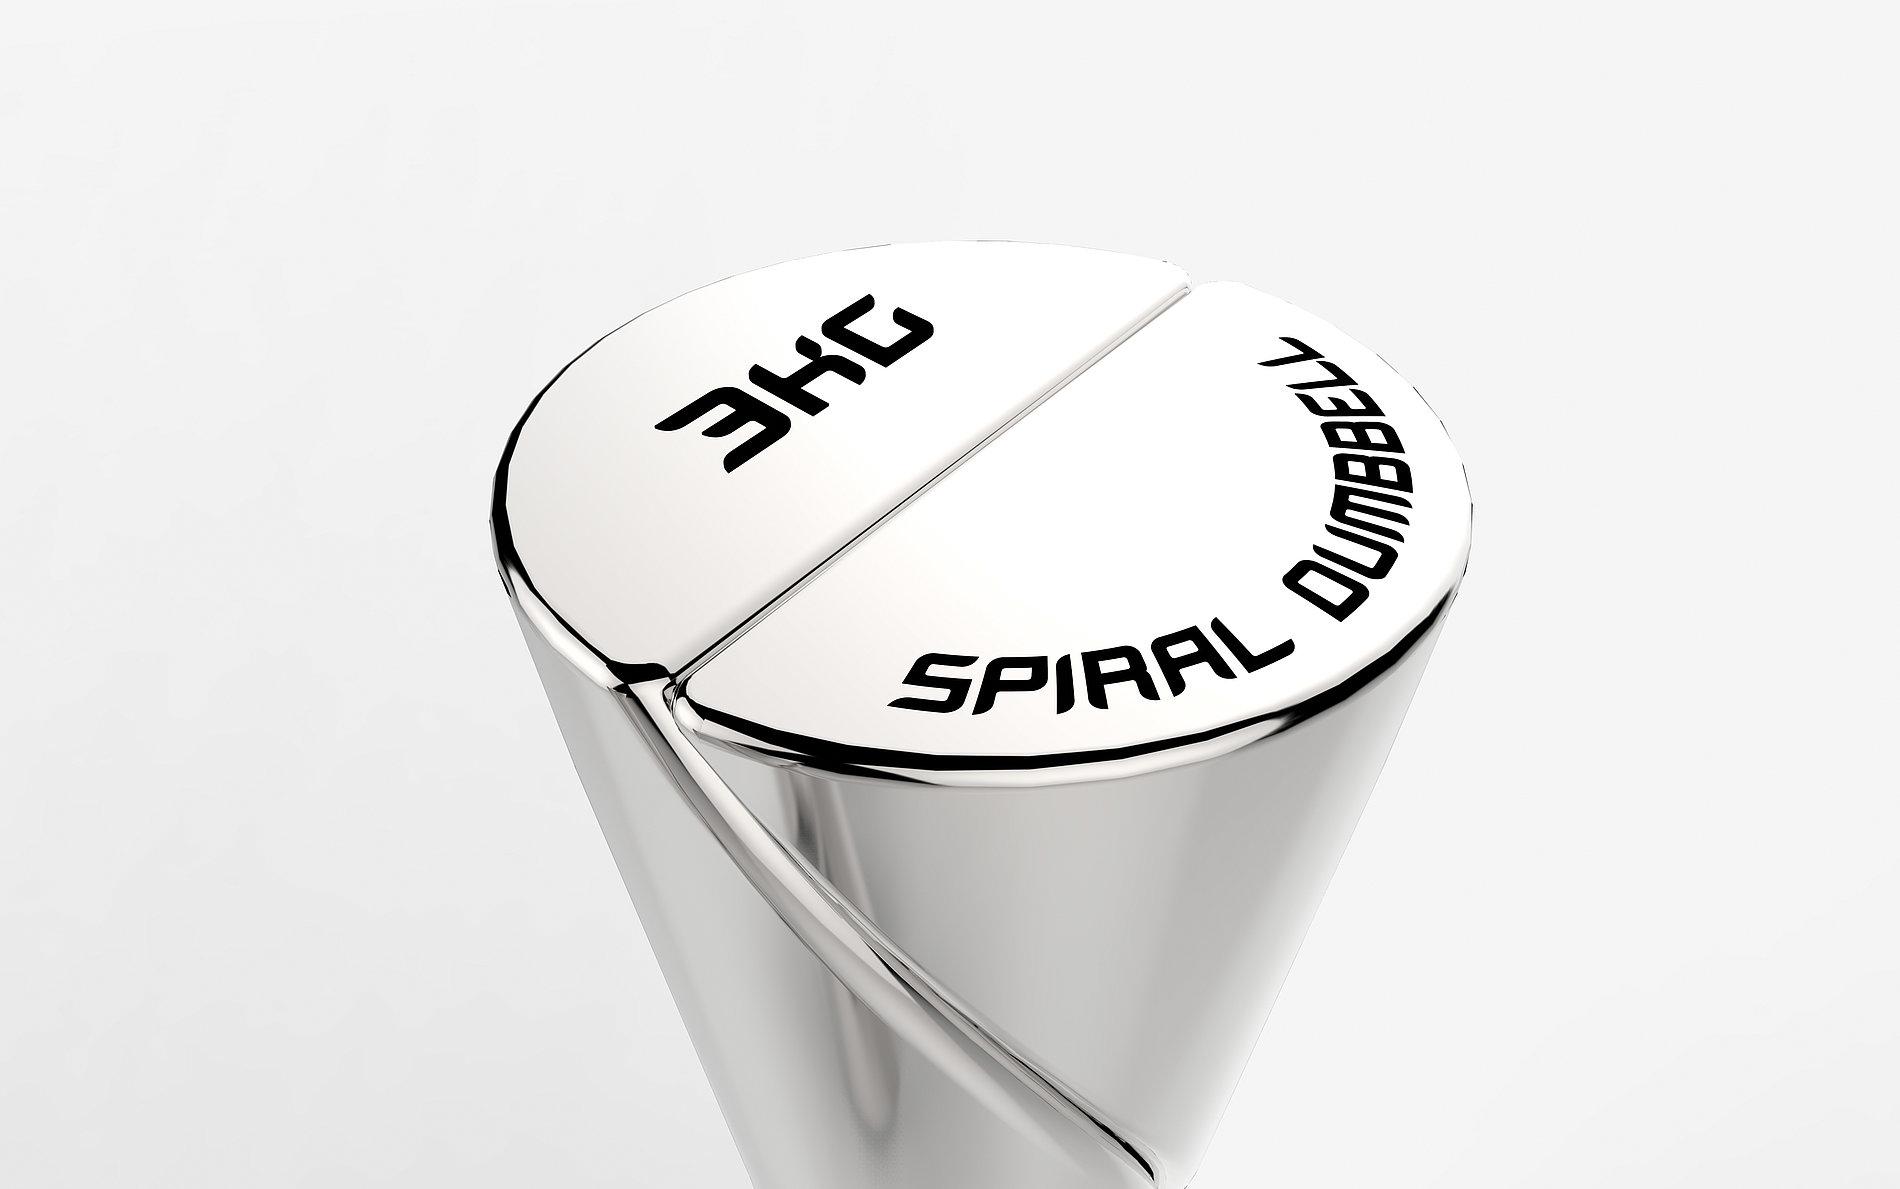 Spiral Dumbbell | Red Dot Design Award